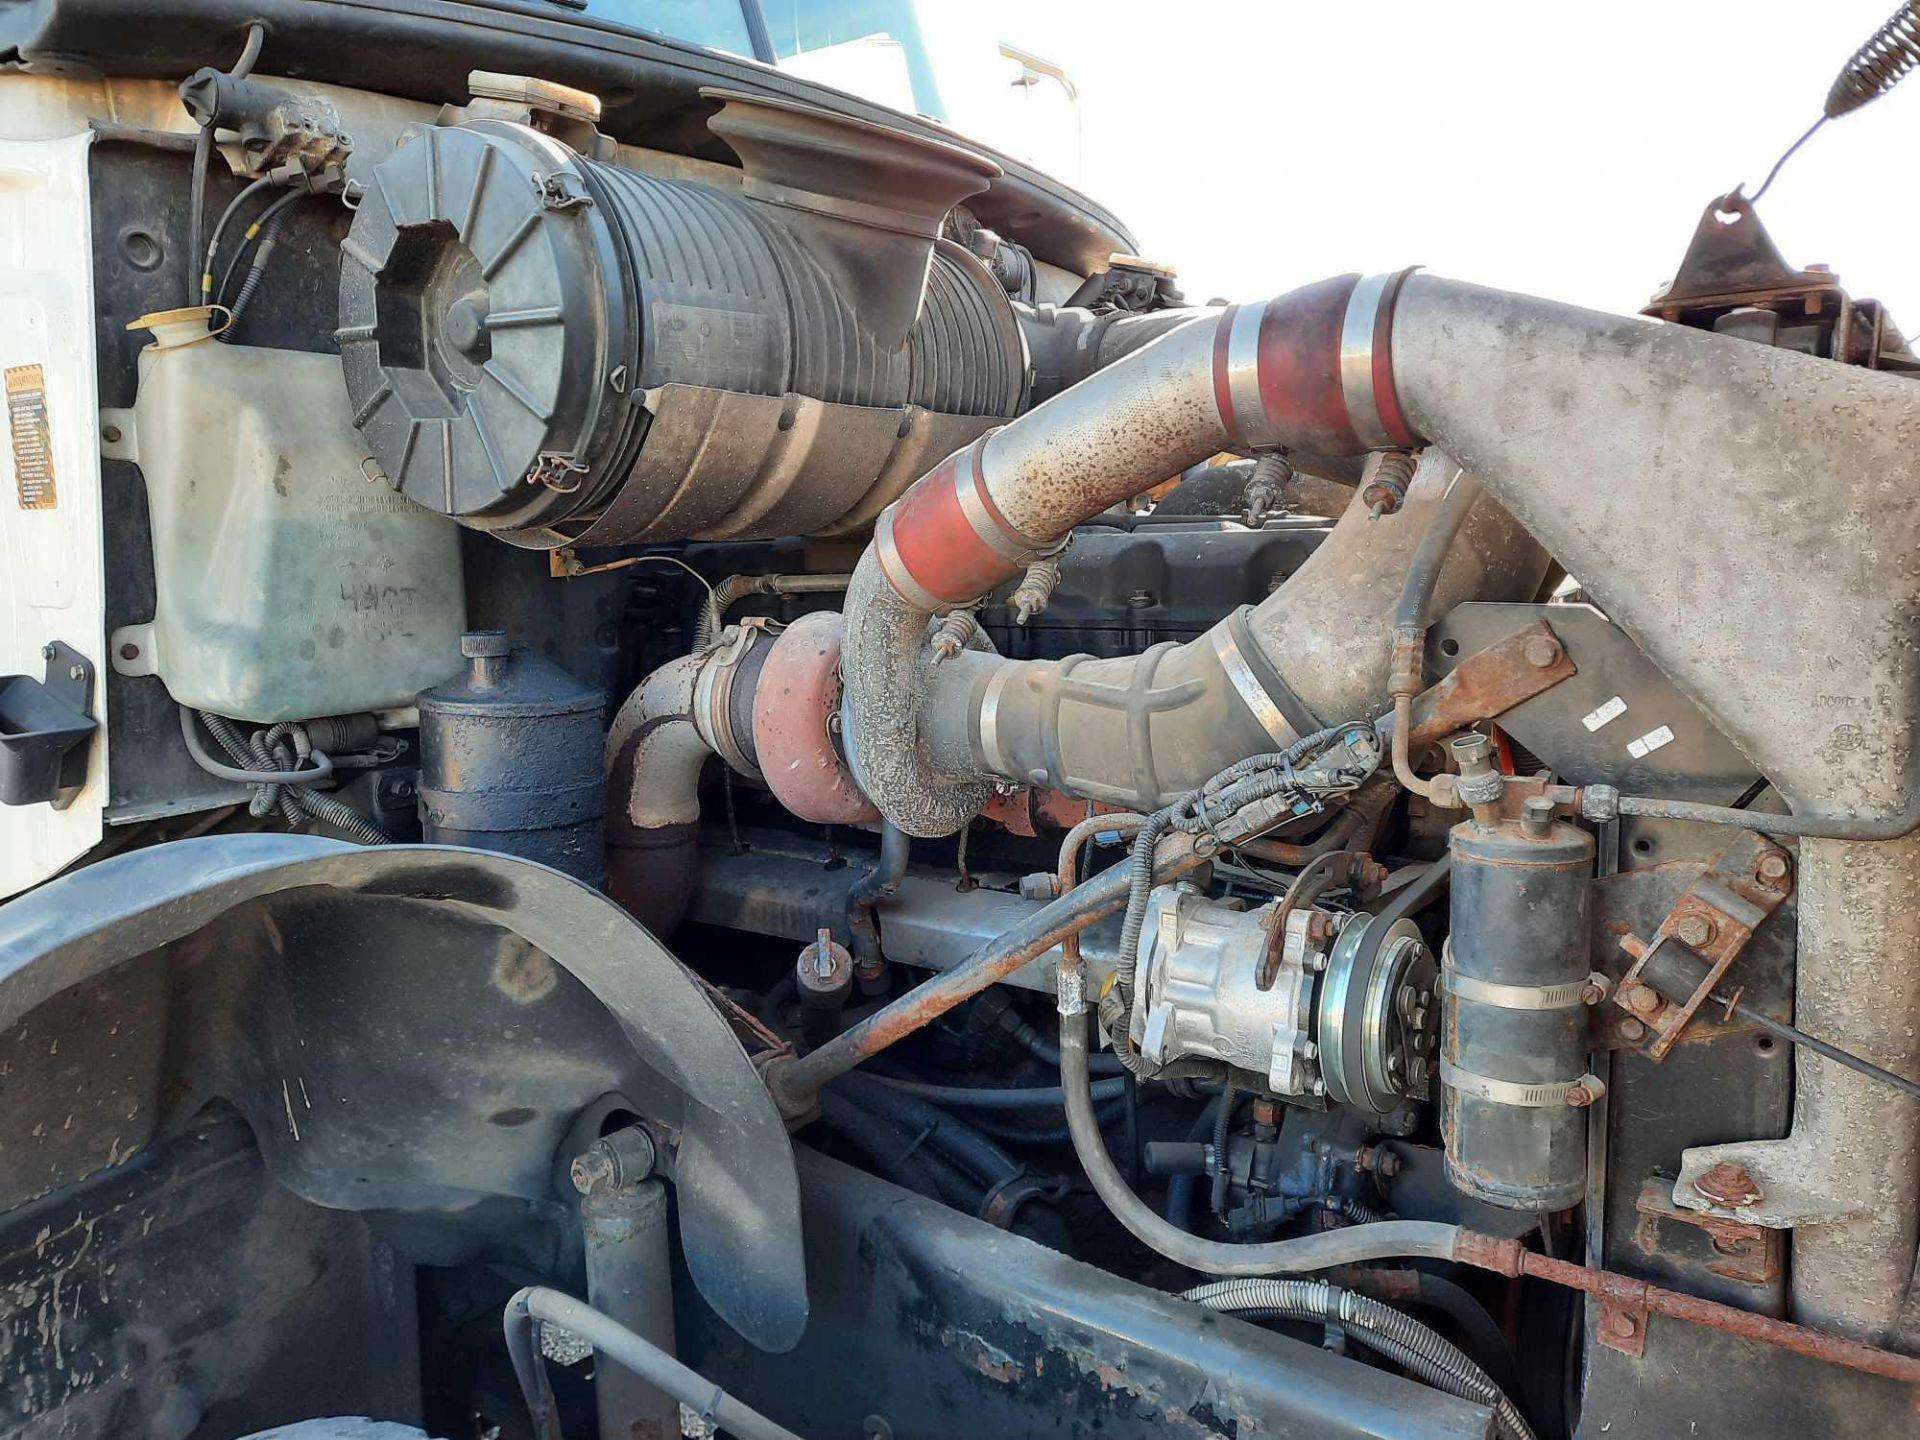 2004 MACK GRANITE CU713 SEPTIC TANKER TRUCK - Image 12 of 28